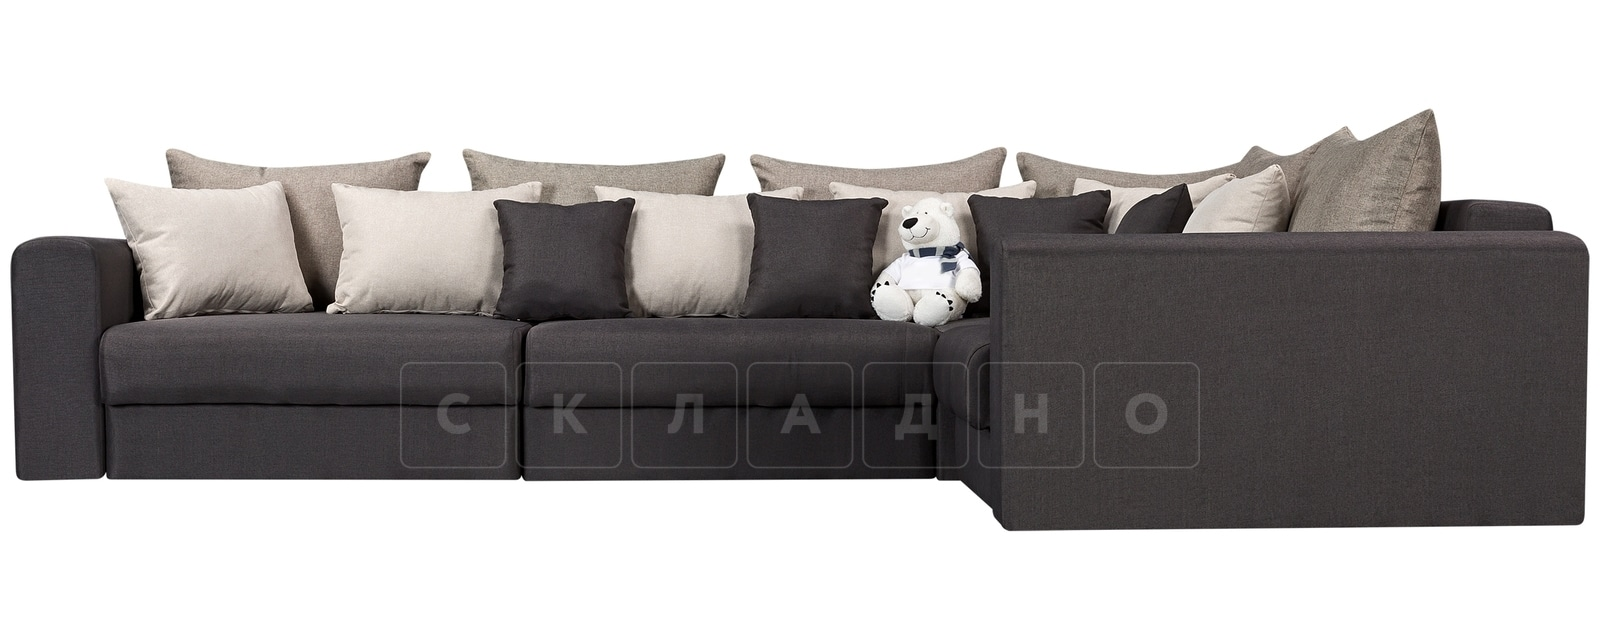 Угловой диван Медисон темно-серый 345х224см фото 2 | интернет-магазин Складно